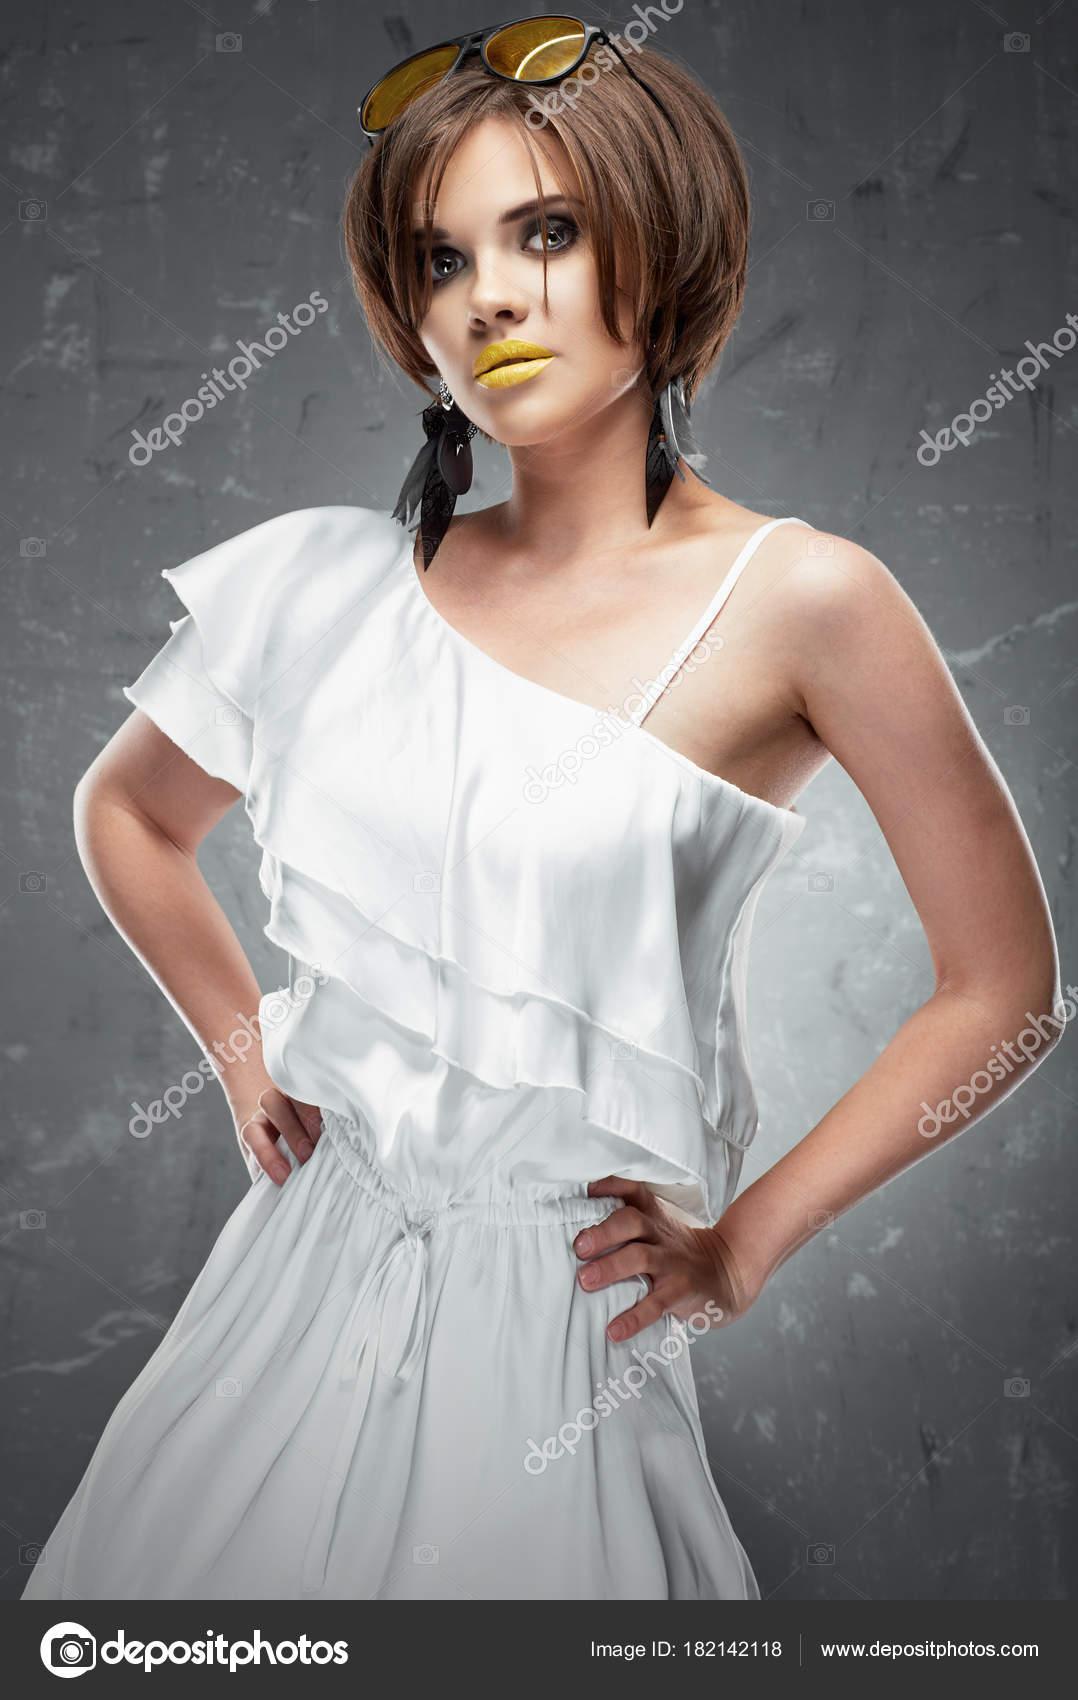 nahé model fotografie